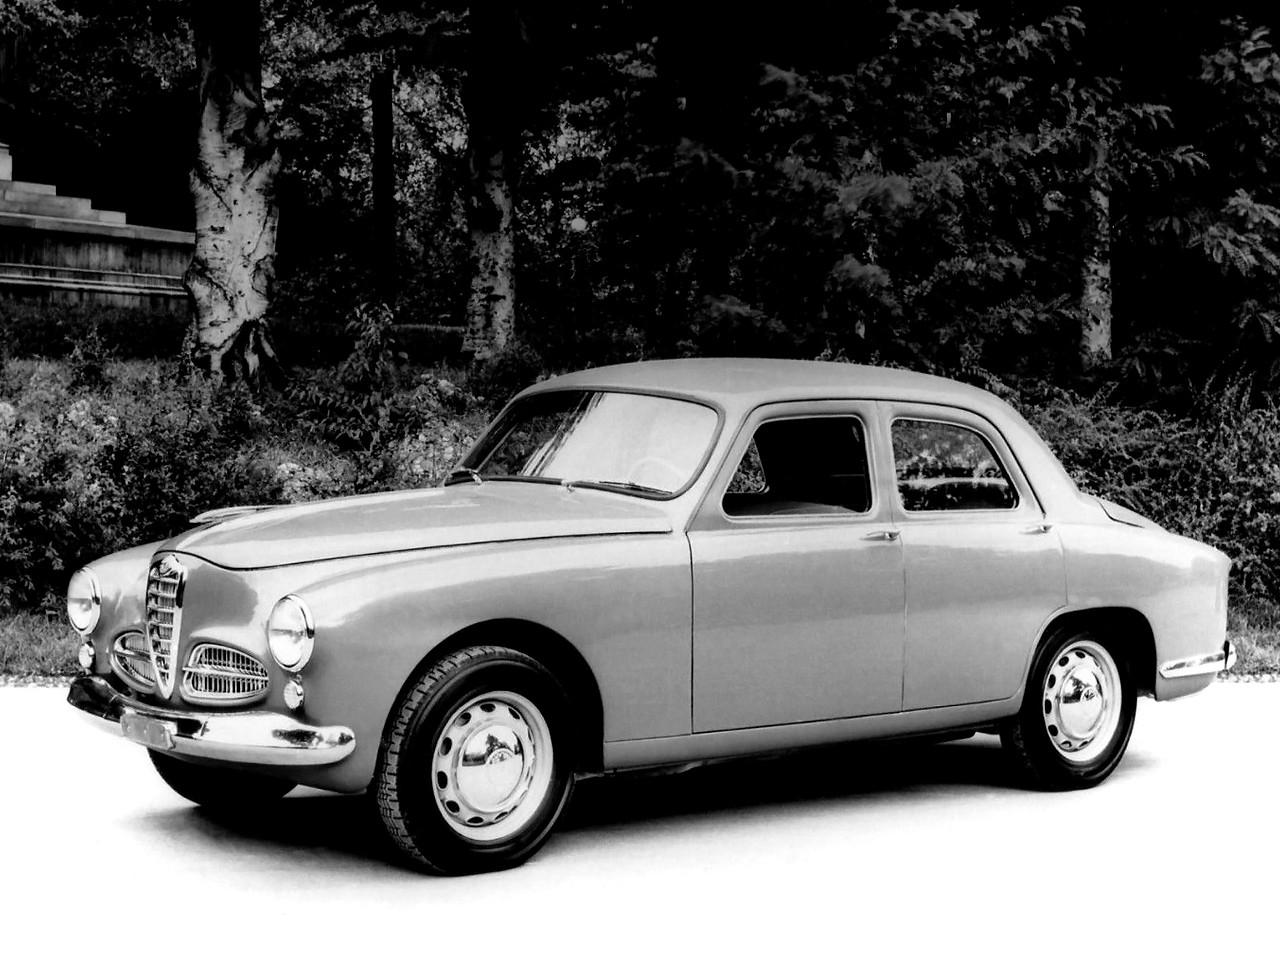 Alfa Romeo 1900 1950 - 1959 Sedan #4